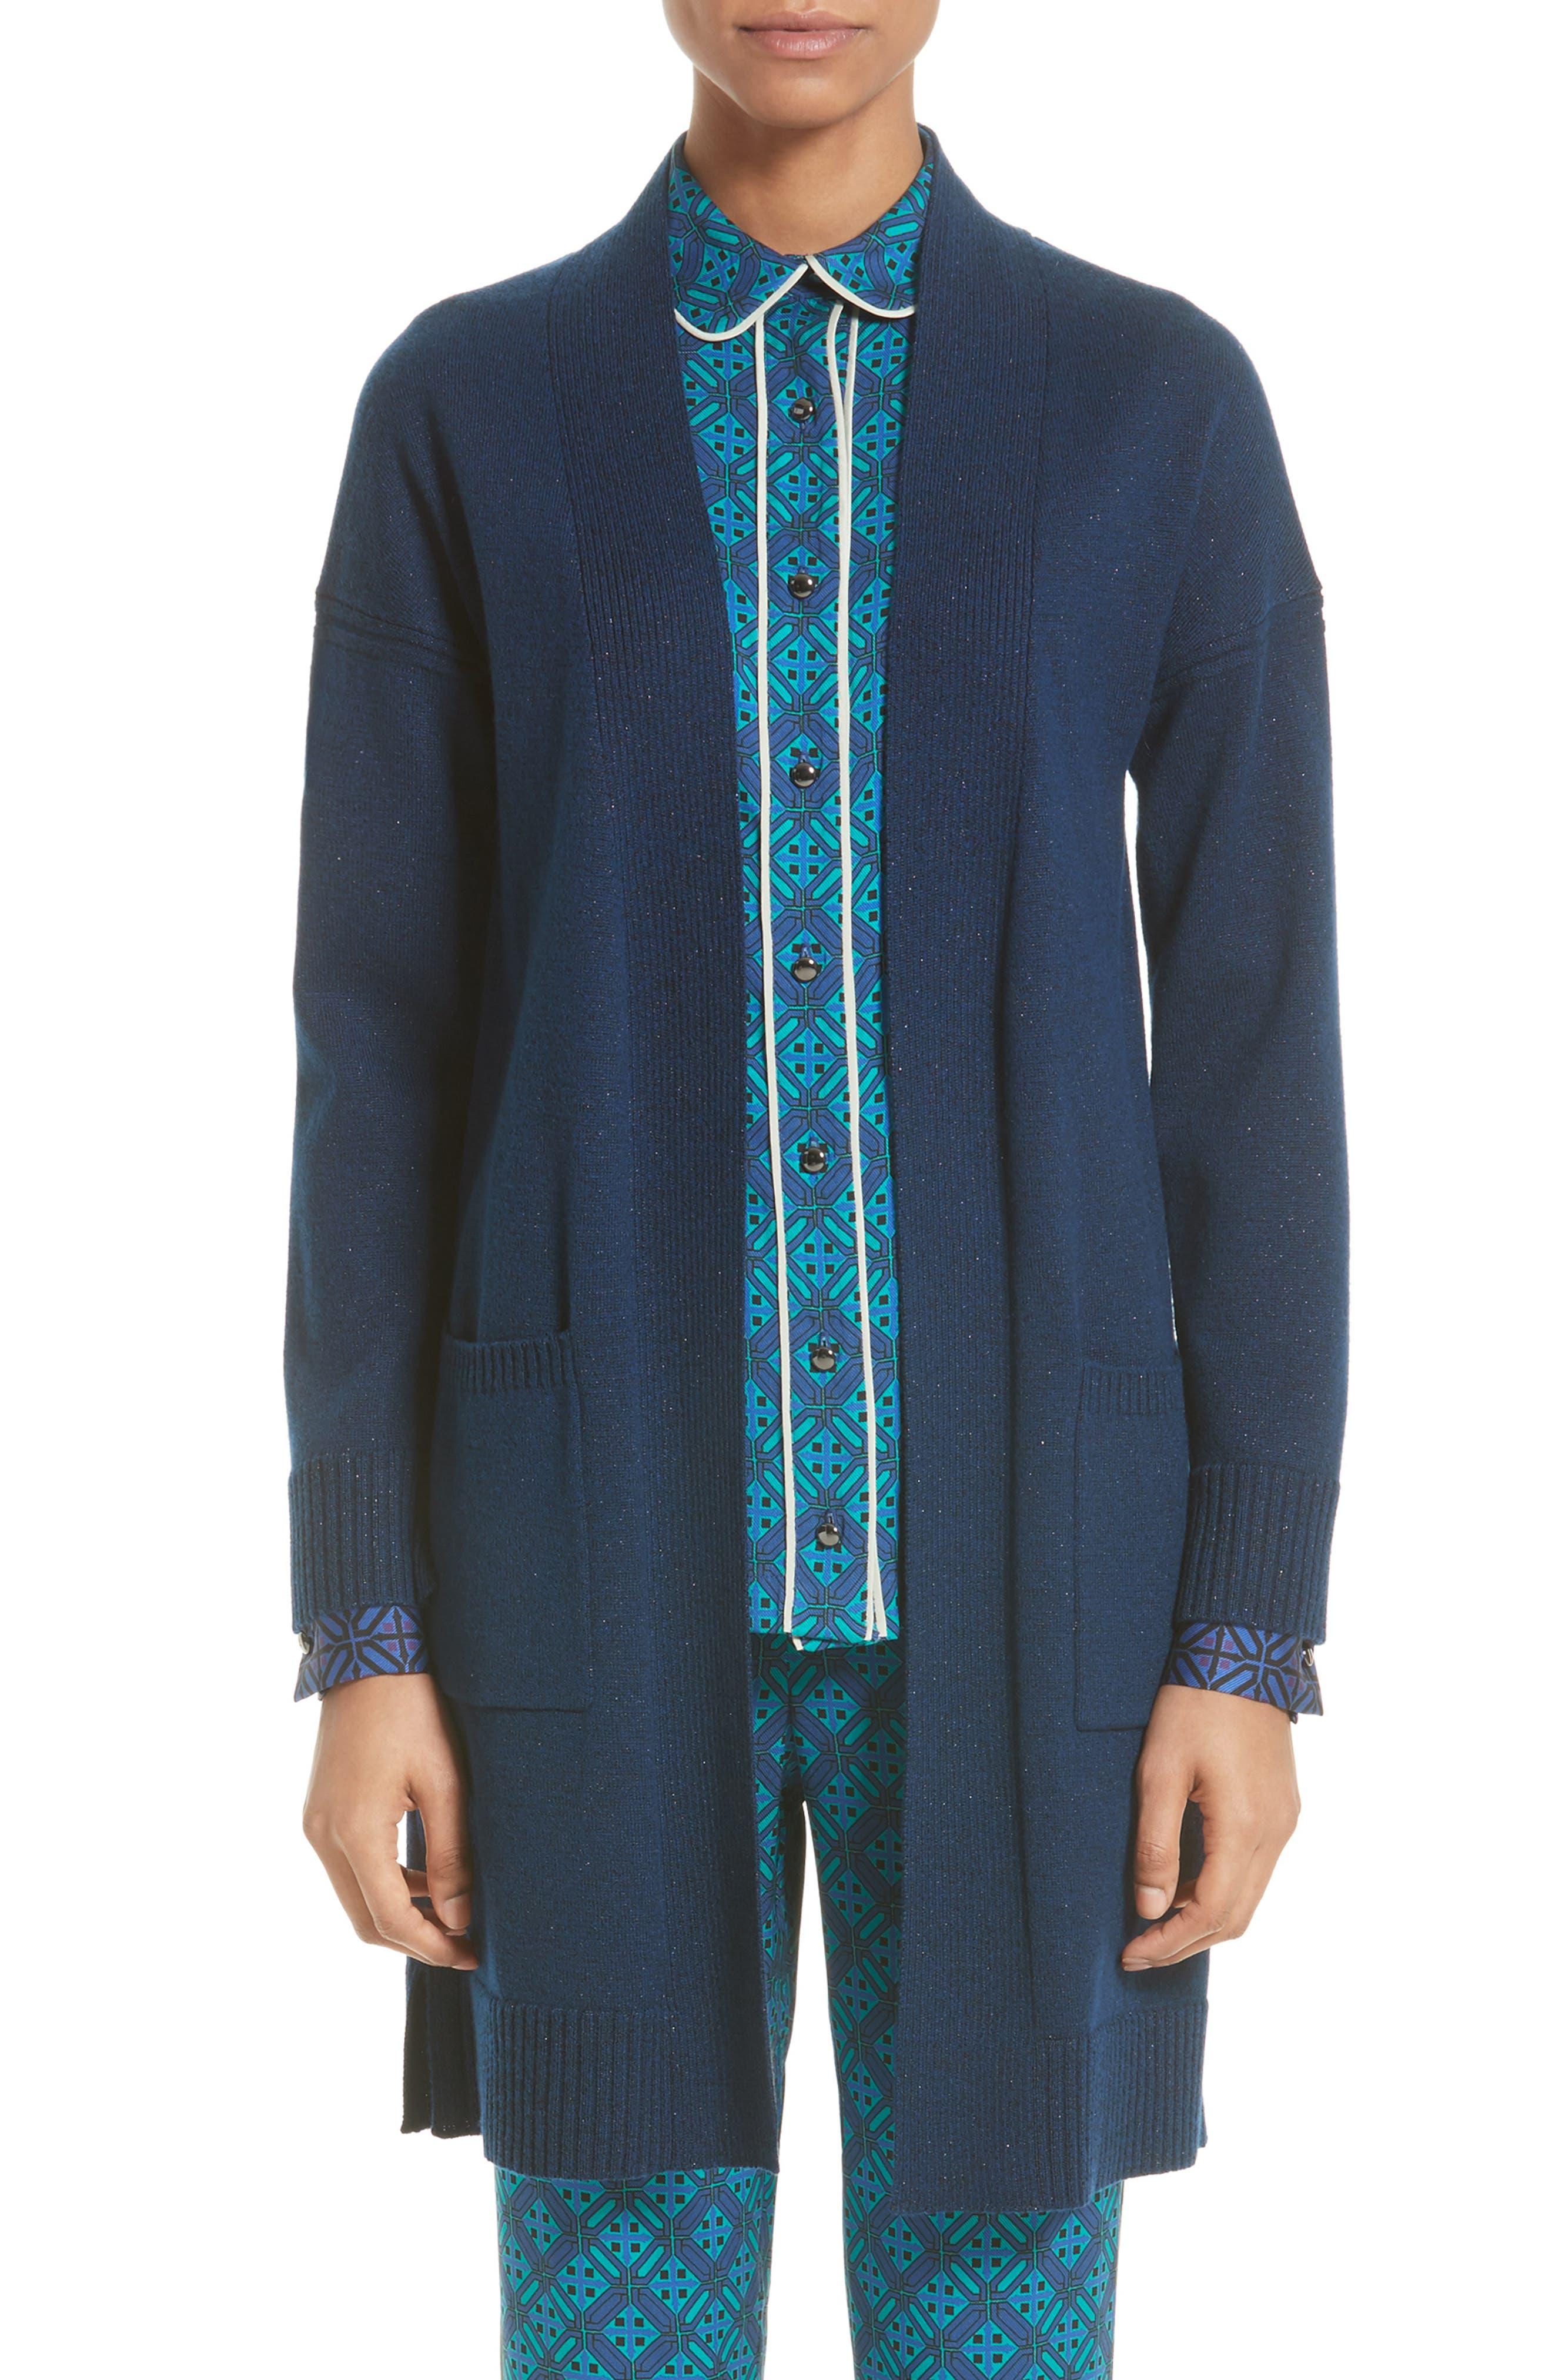 Jersey Cashmere Blend Sparkle Knit Jacket,                             Main thumbnail 1, color,                             410